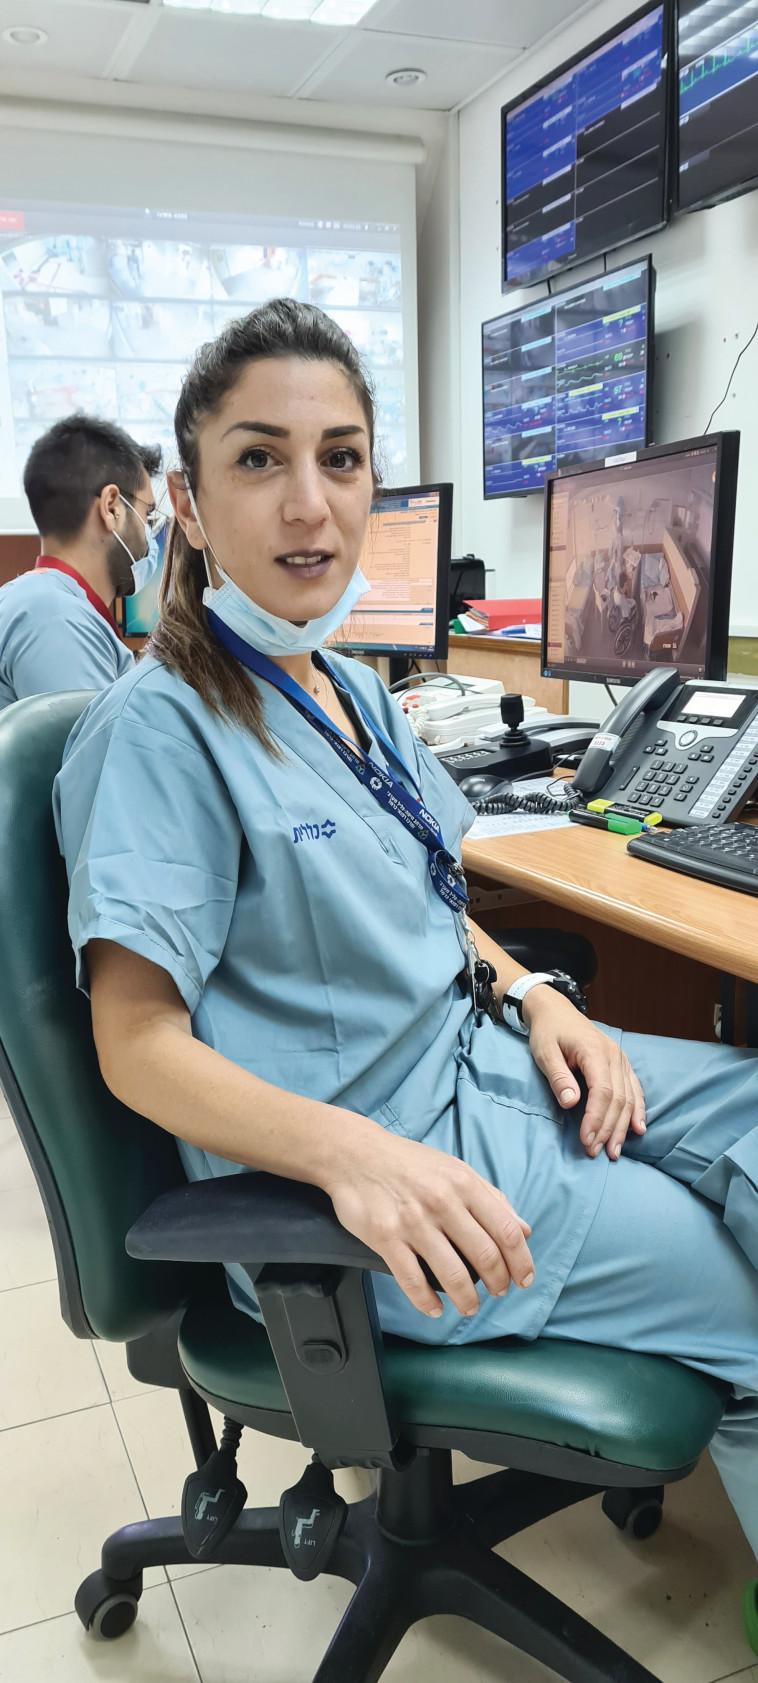 נורית יעקב, אחות אחראית במחלקת קורונה במרכז הרפואי כרמל בחיפה (צילום: אלי דדון)